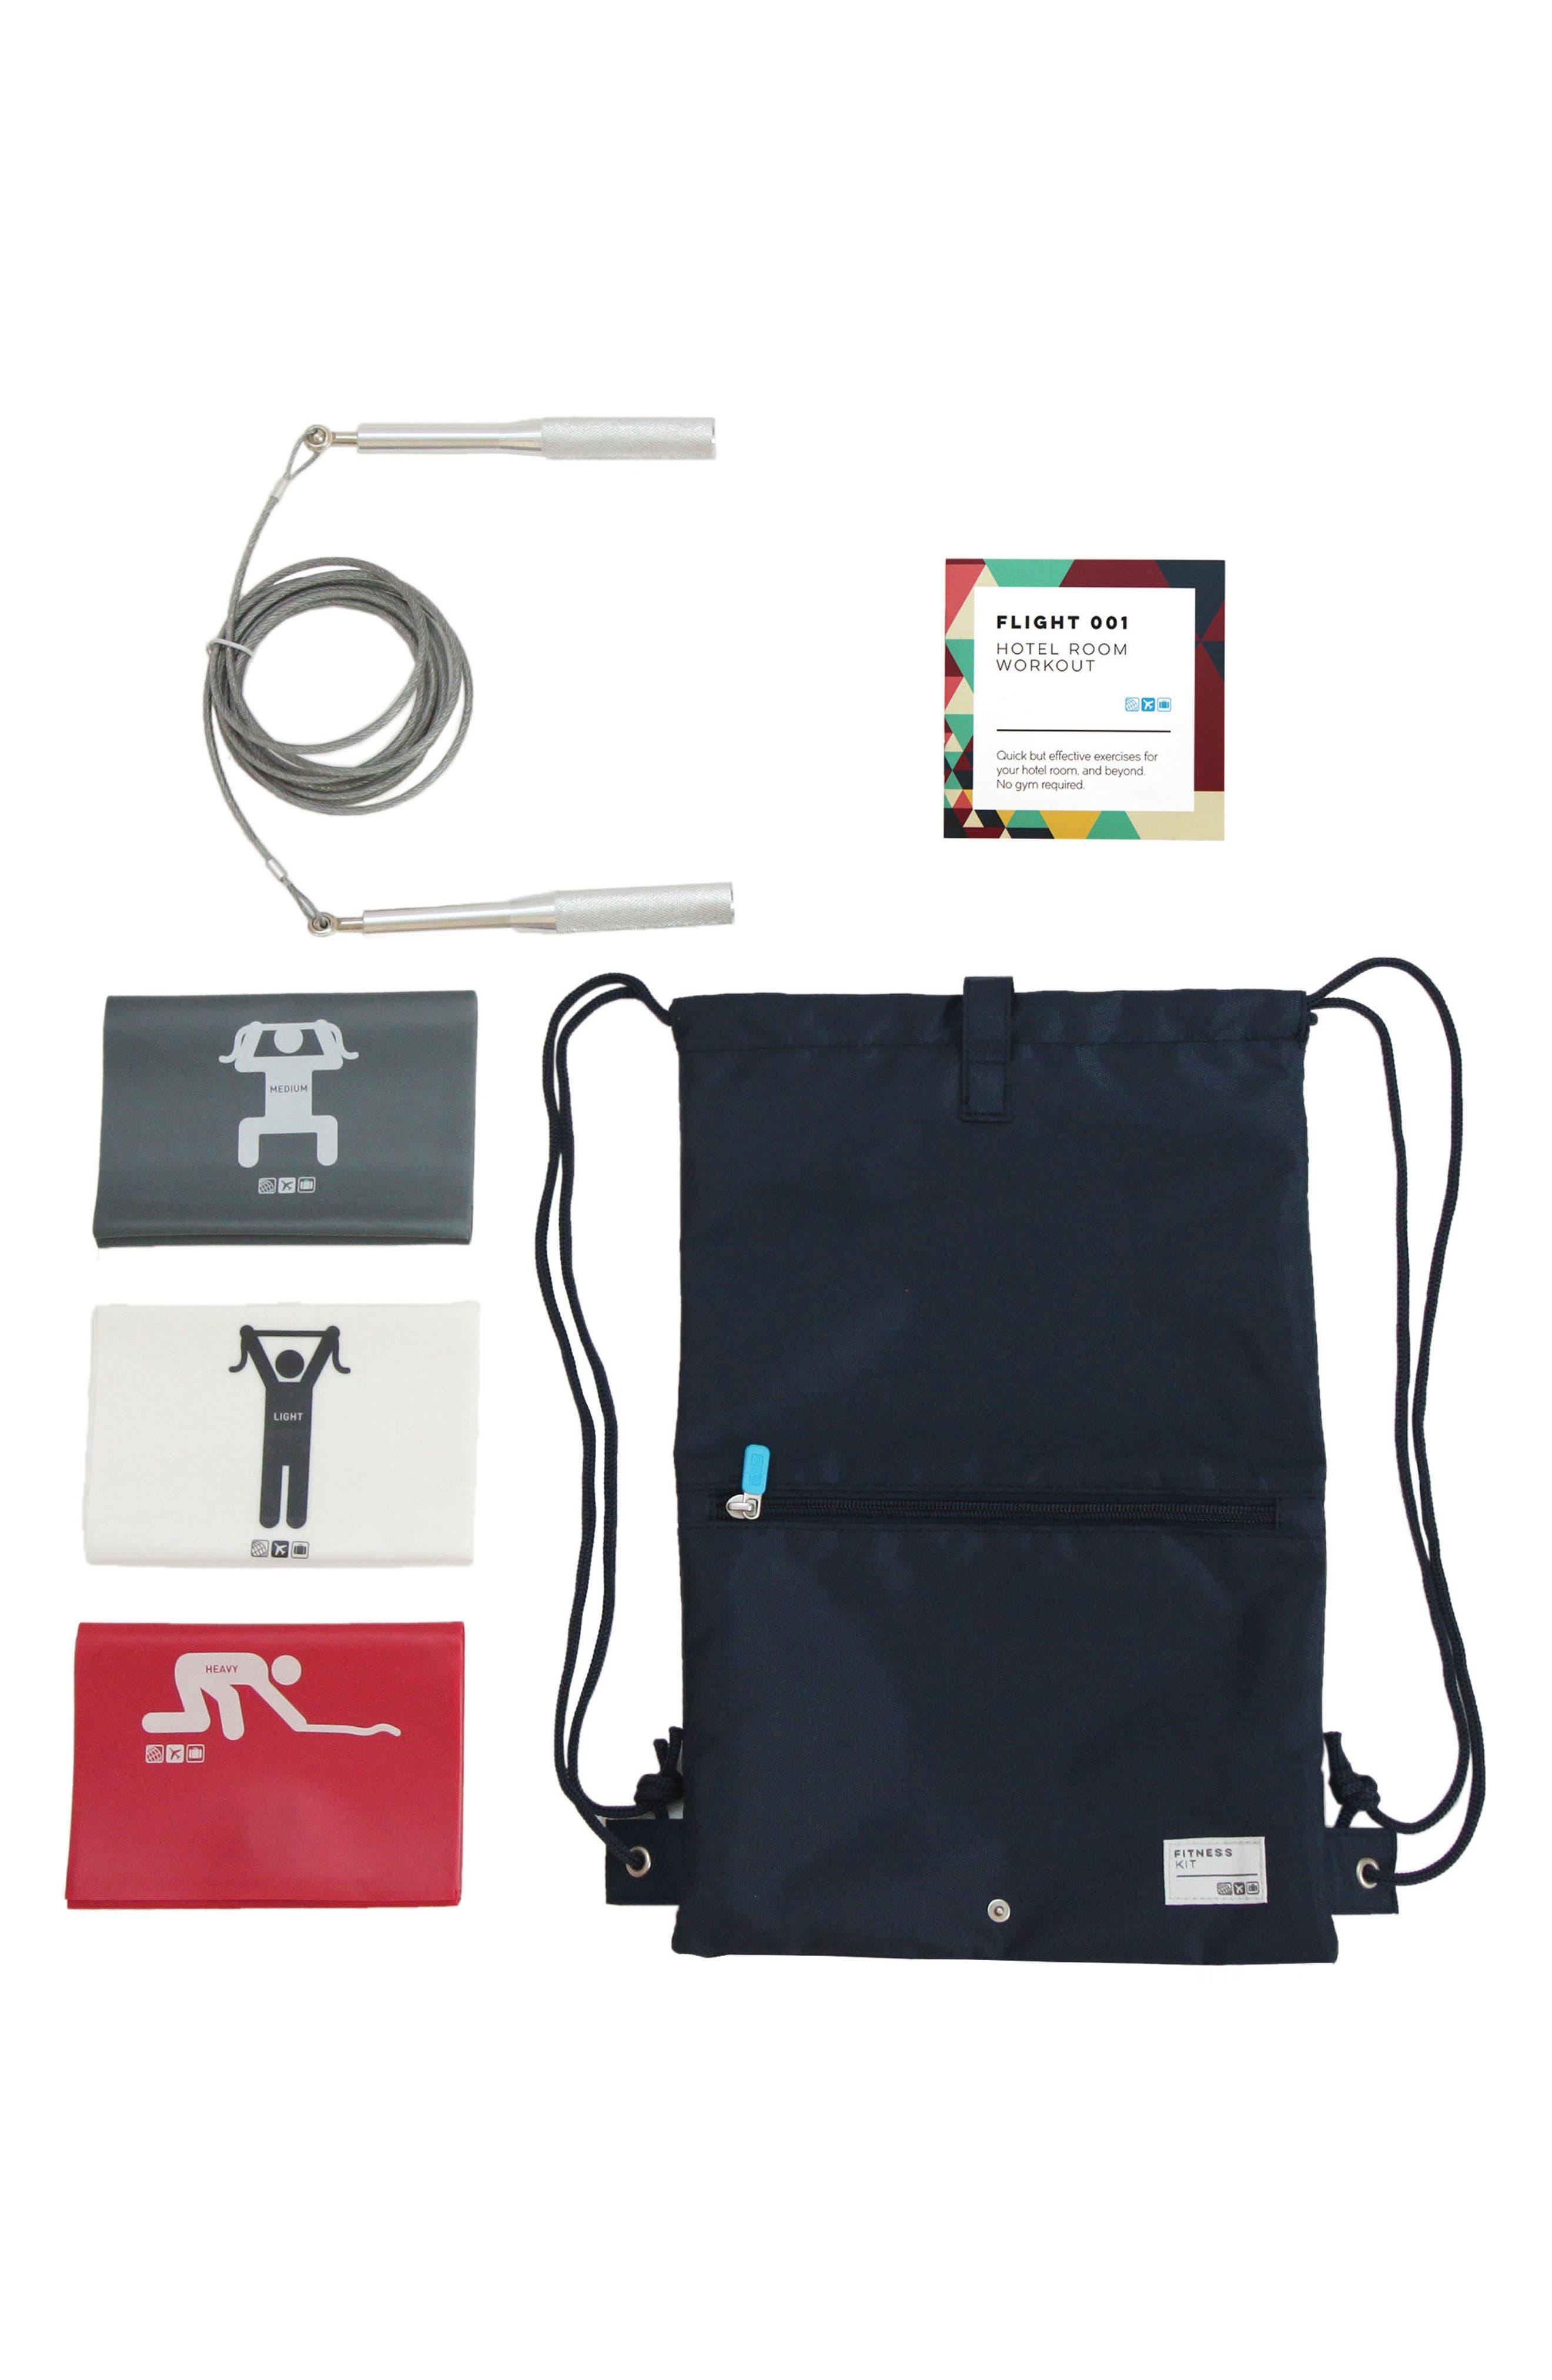 FLIGHT 001 Fitness Kit